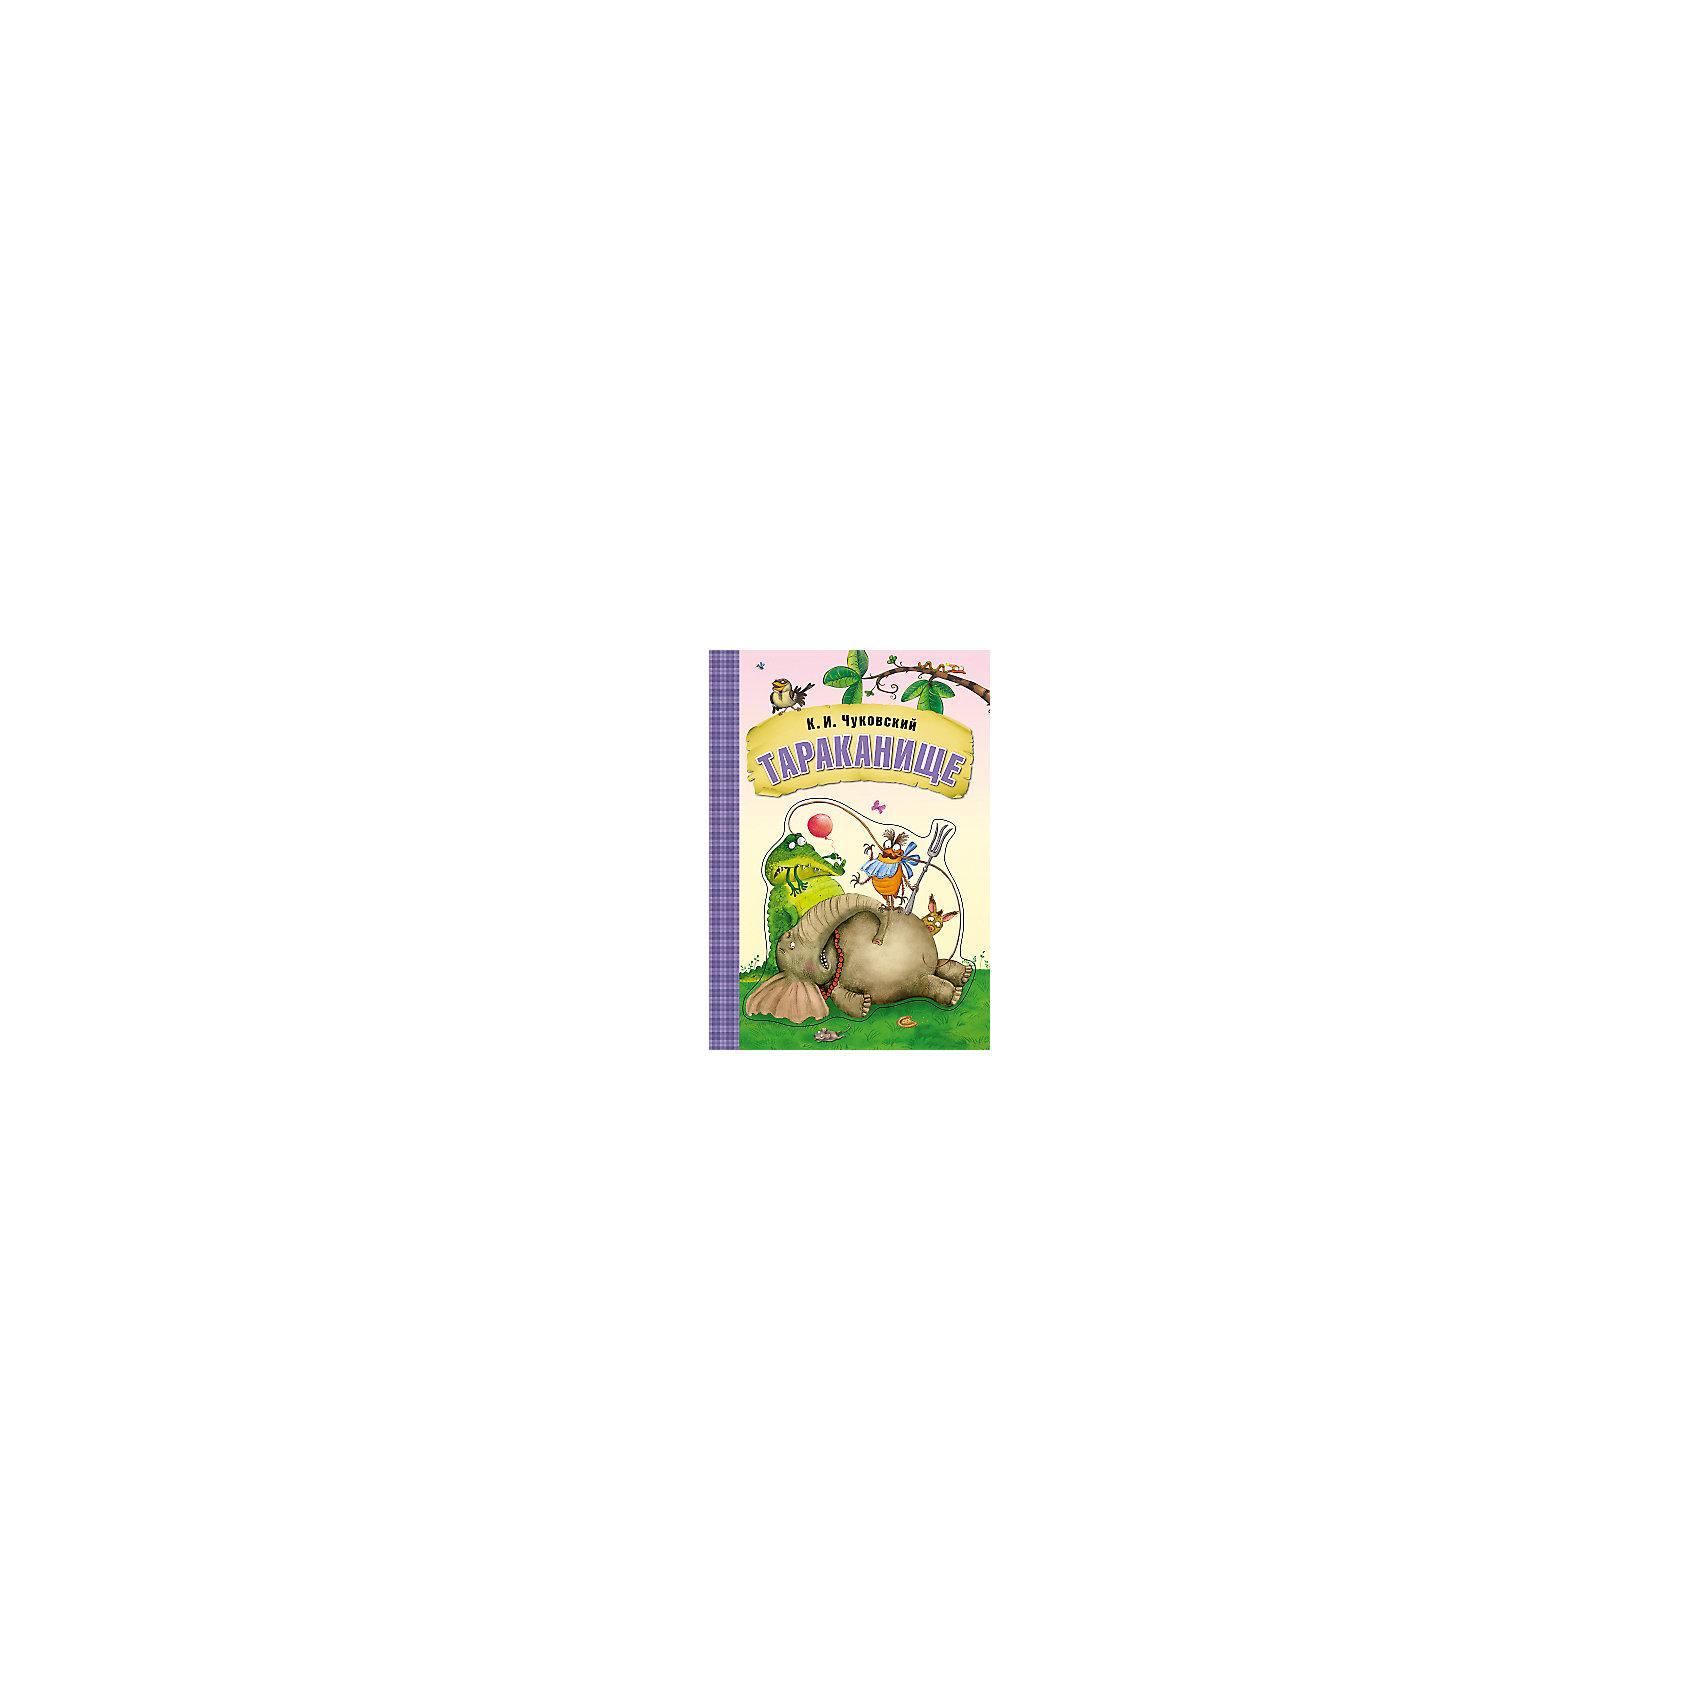 Тараканище, картон, К.И. ЧуковскийРусские сказки<br>Эта замечательная книга на плотном картоне с иллюстрациями Л. Ереминой обязательно станет любимой!<br>Сказка Корнея Ивановича Чуковского «Тараканище» знакома всем с детства.<br>Книга с красочными иллюстрациями на плотном картоне с фигурной объемной вставкой на обложке обязательно понравится вашему малышу и займет достойное место в домашней библиотеке.<br><br>Ширина мм: 100<br>Глубина мм: 190<br>Высота мм: 270<br>Вес г: 320<br>Возраст от месяцев: 12<br>Возраст до месяцев: 84<br>Пол: Унисекс<br>Возраст: Детский<br>SKU: 5523240